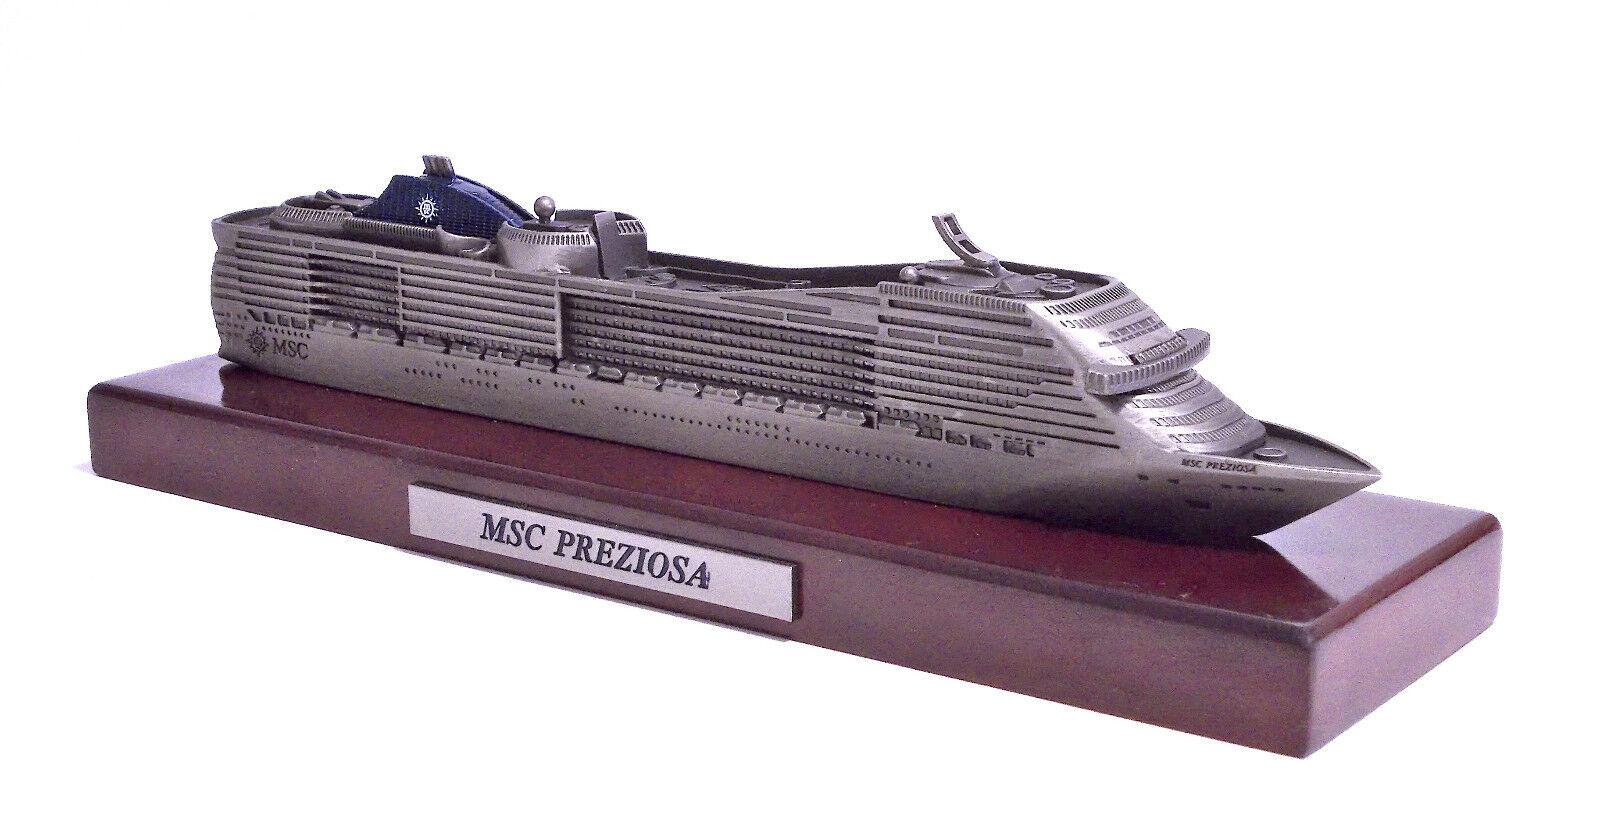 modelloLINO modello SHIP NAVE DA CROCIERA MSC PREZIOSA  MSC CROCIERE 2011